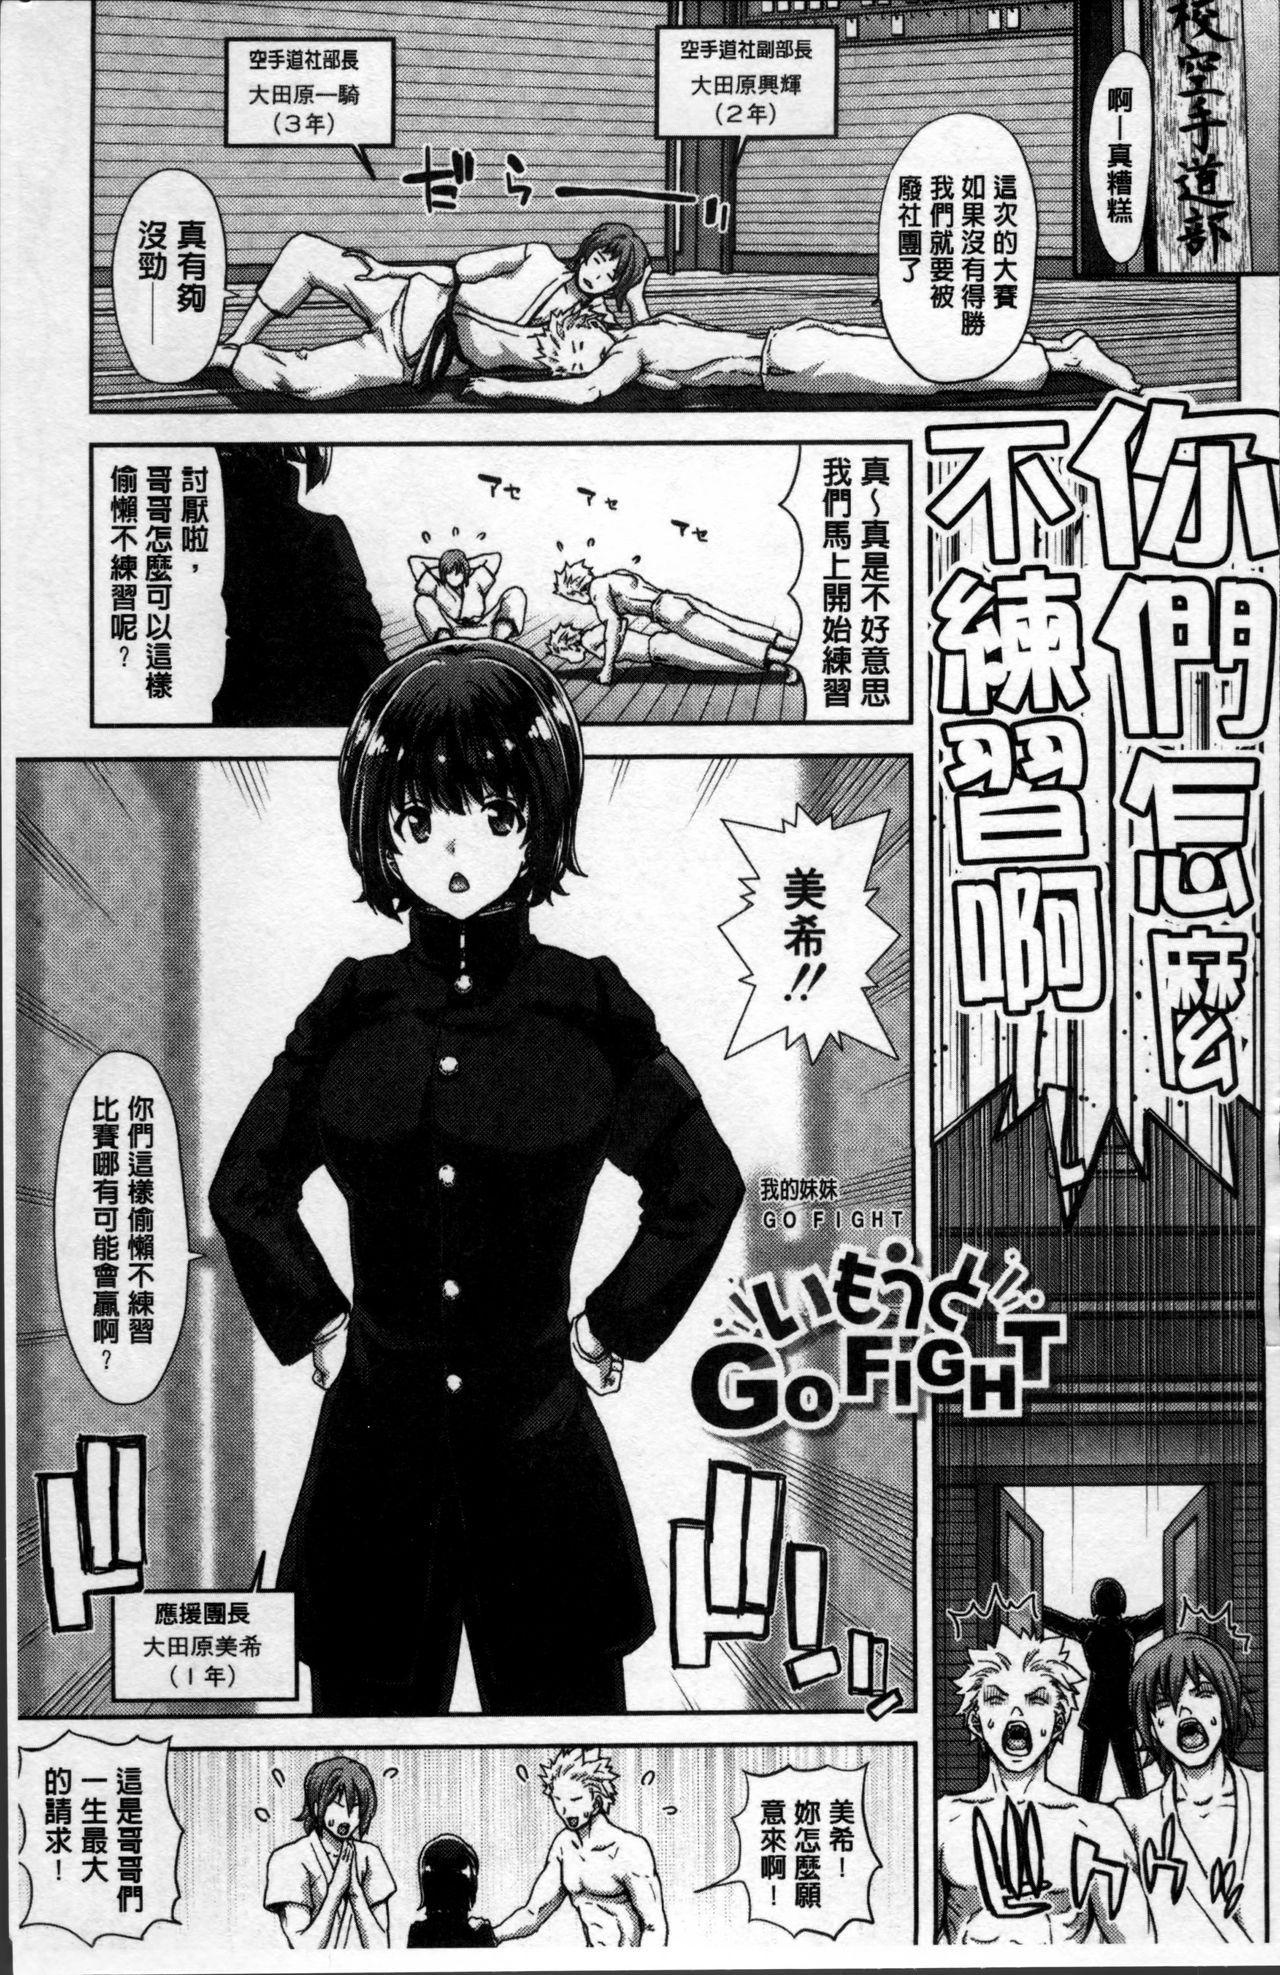 Imouto dakedo Oniichan, H Shiyo! H Shiyo! H Shiyou yo! 141